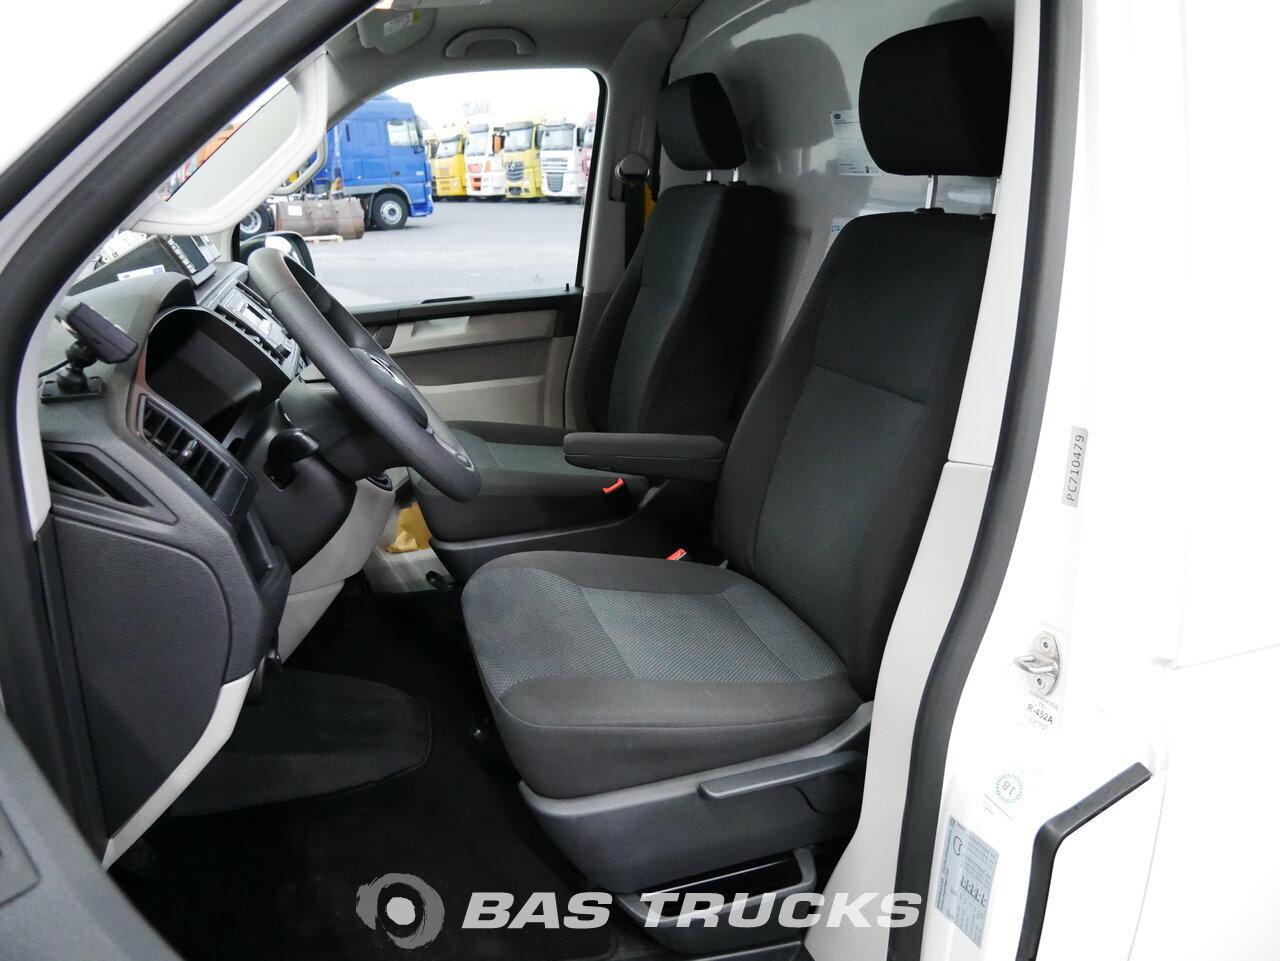 foto di Usato Veicolo commerciale leggero Volkswagen Transporter 2017